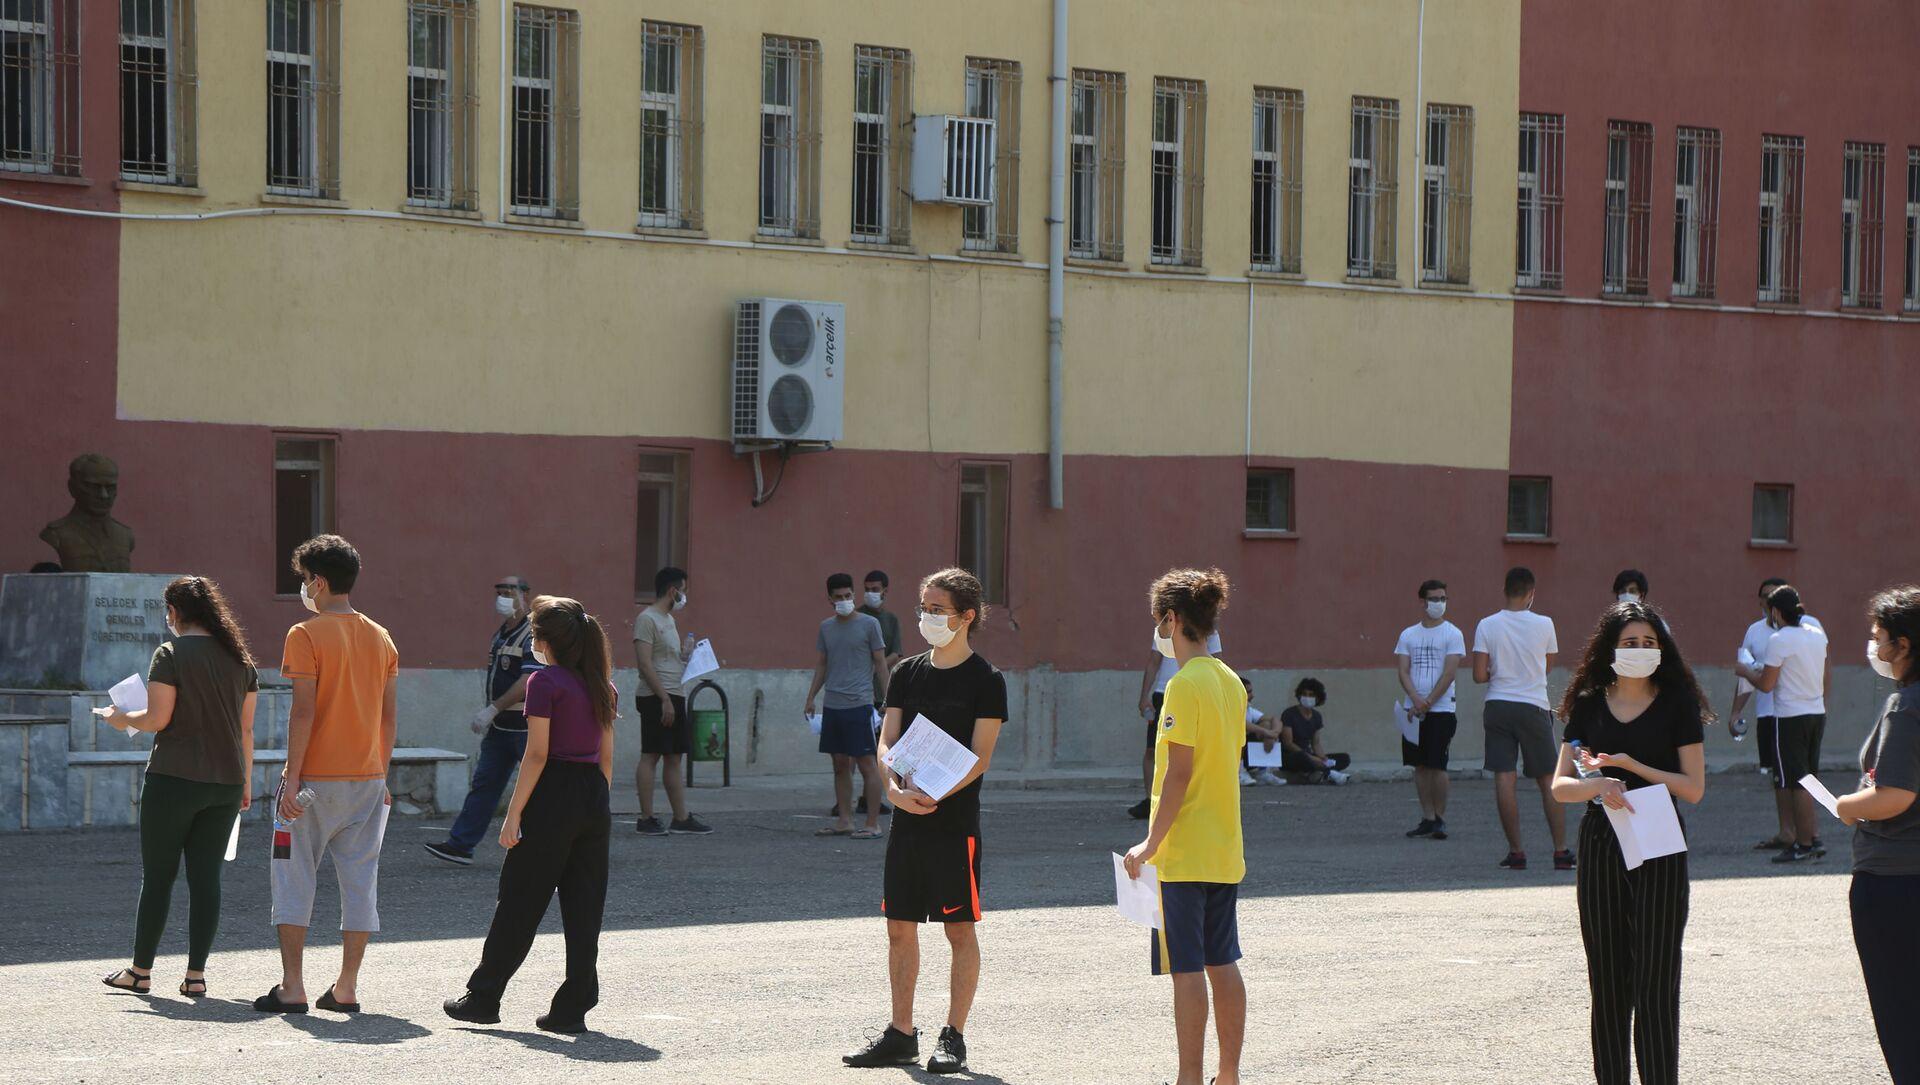 YKS manzaraları: Öğrenciler içeride ter döktü, veliler dışarıda dua etti - Sputnik Türkiye, 1920, 28.07.2021